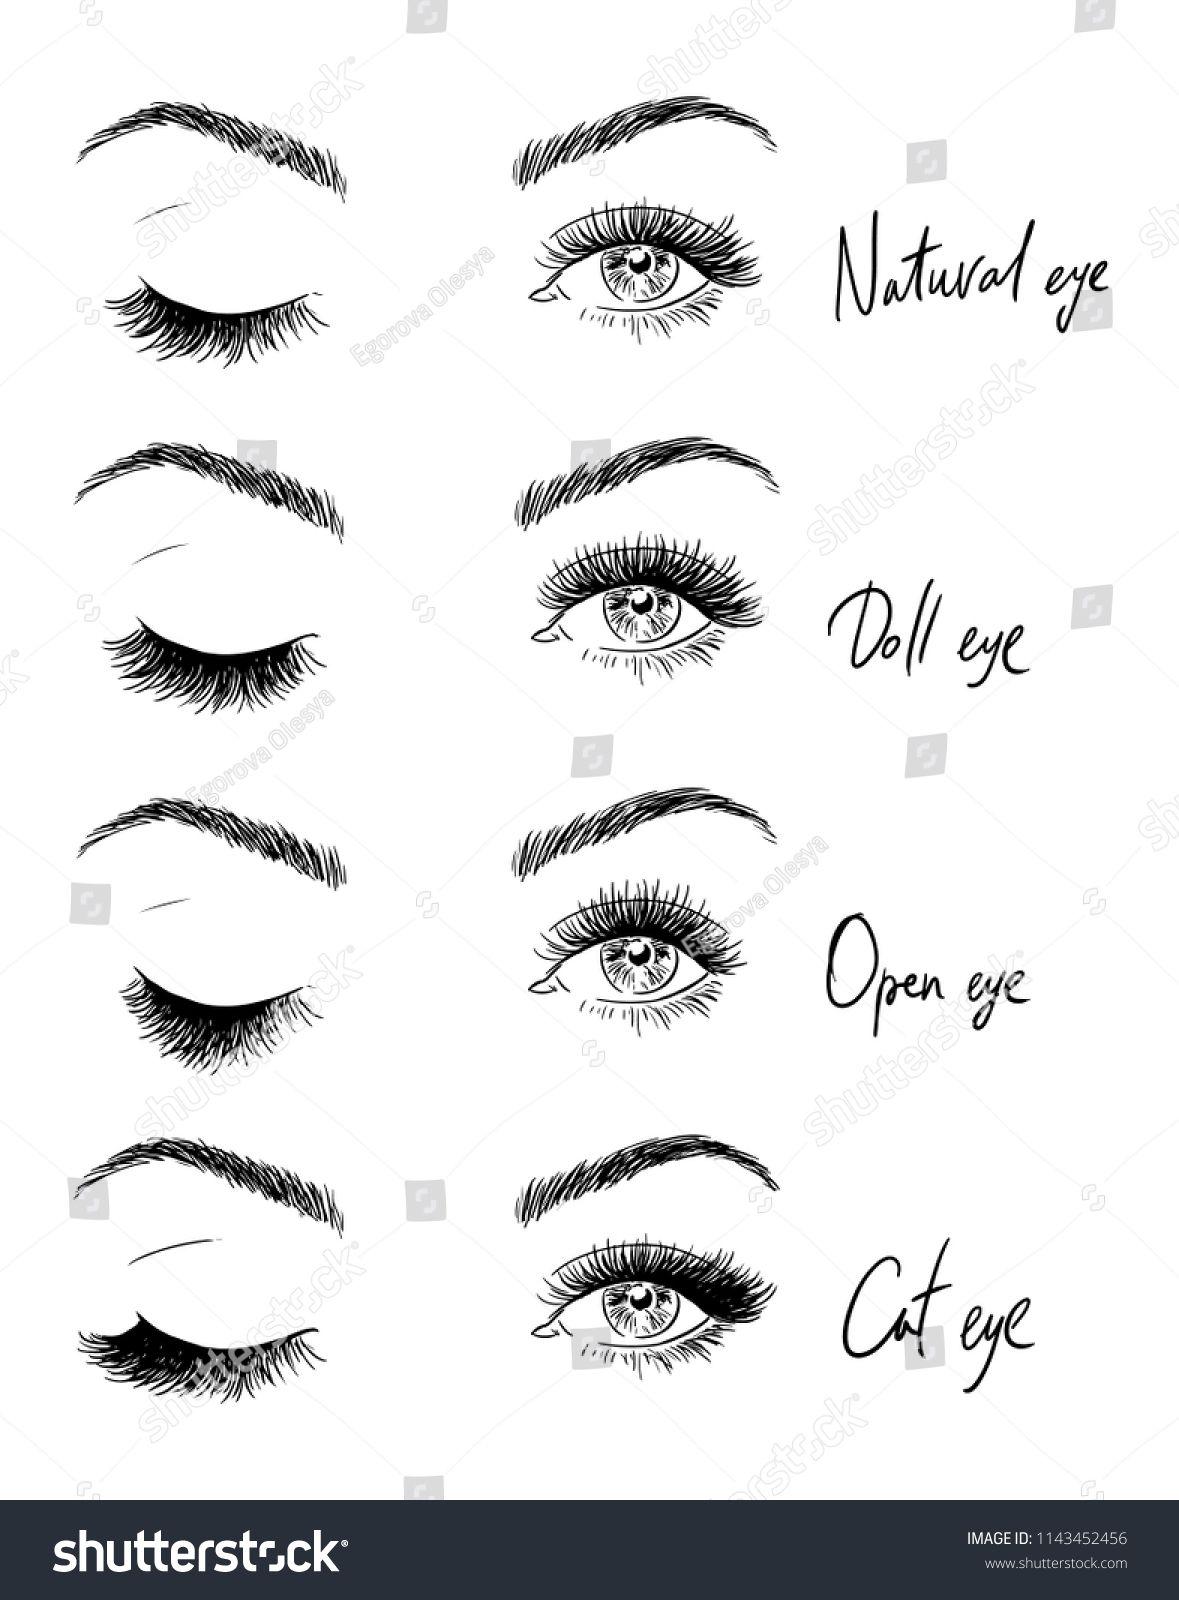 453eec1fbe7 Eyes with eyelashes. Types of eyelash extensions. eyelashes#Eyes#Types# extensions